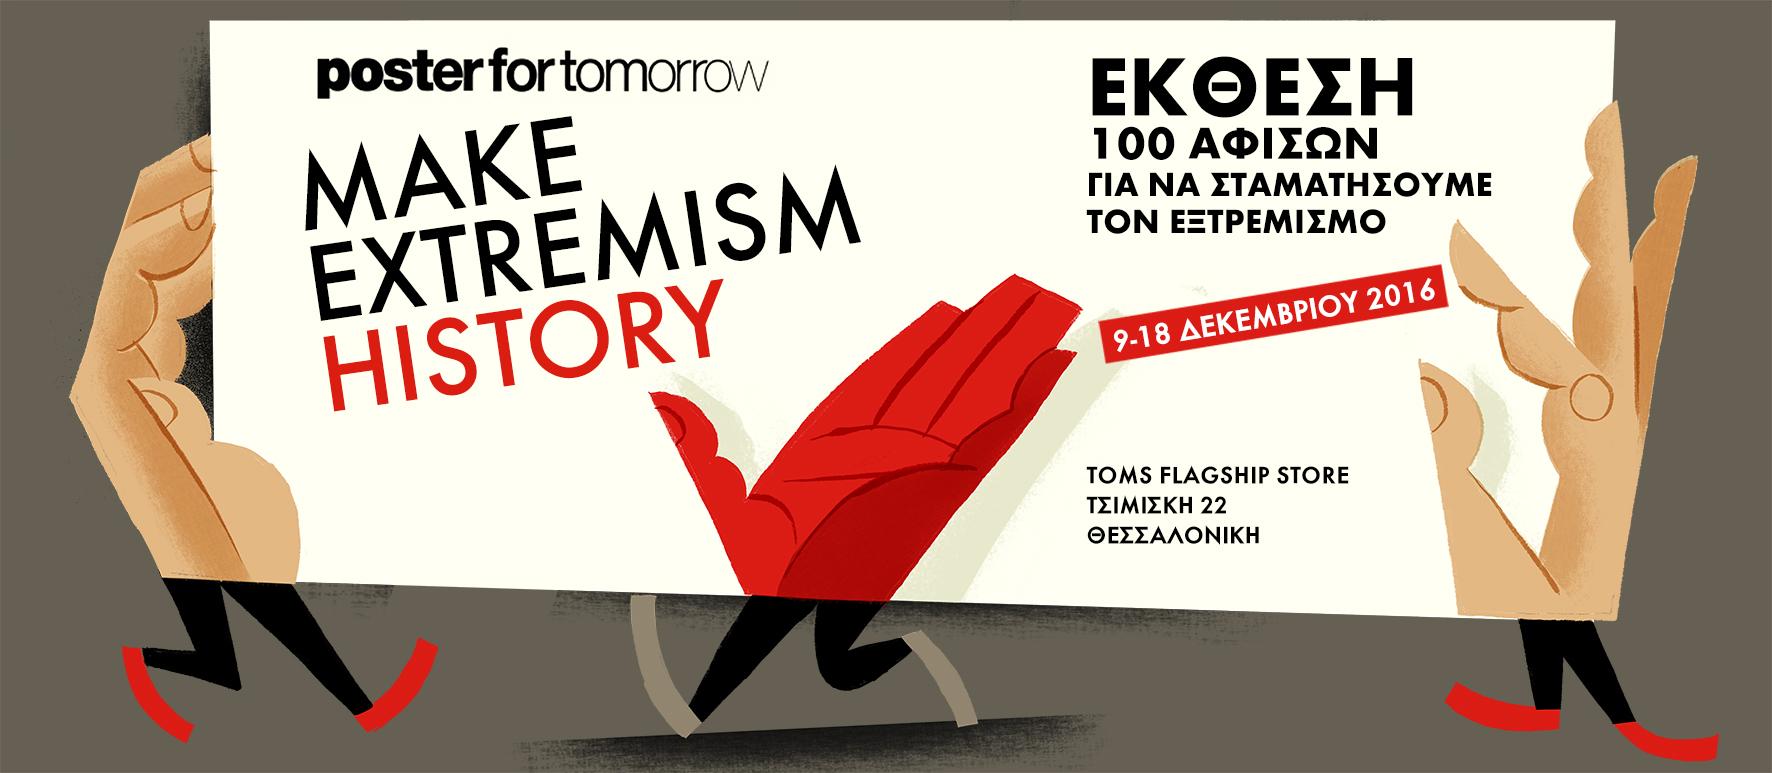 Το Design Toolkit συμμετέχει στο #DayForTomorrow 2016!